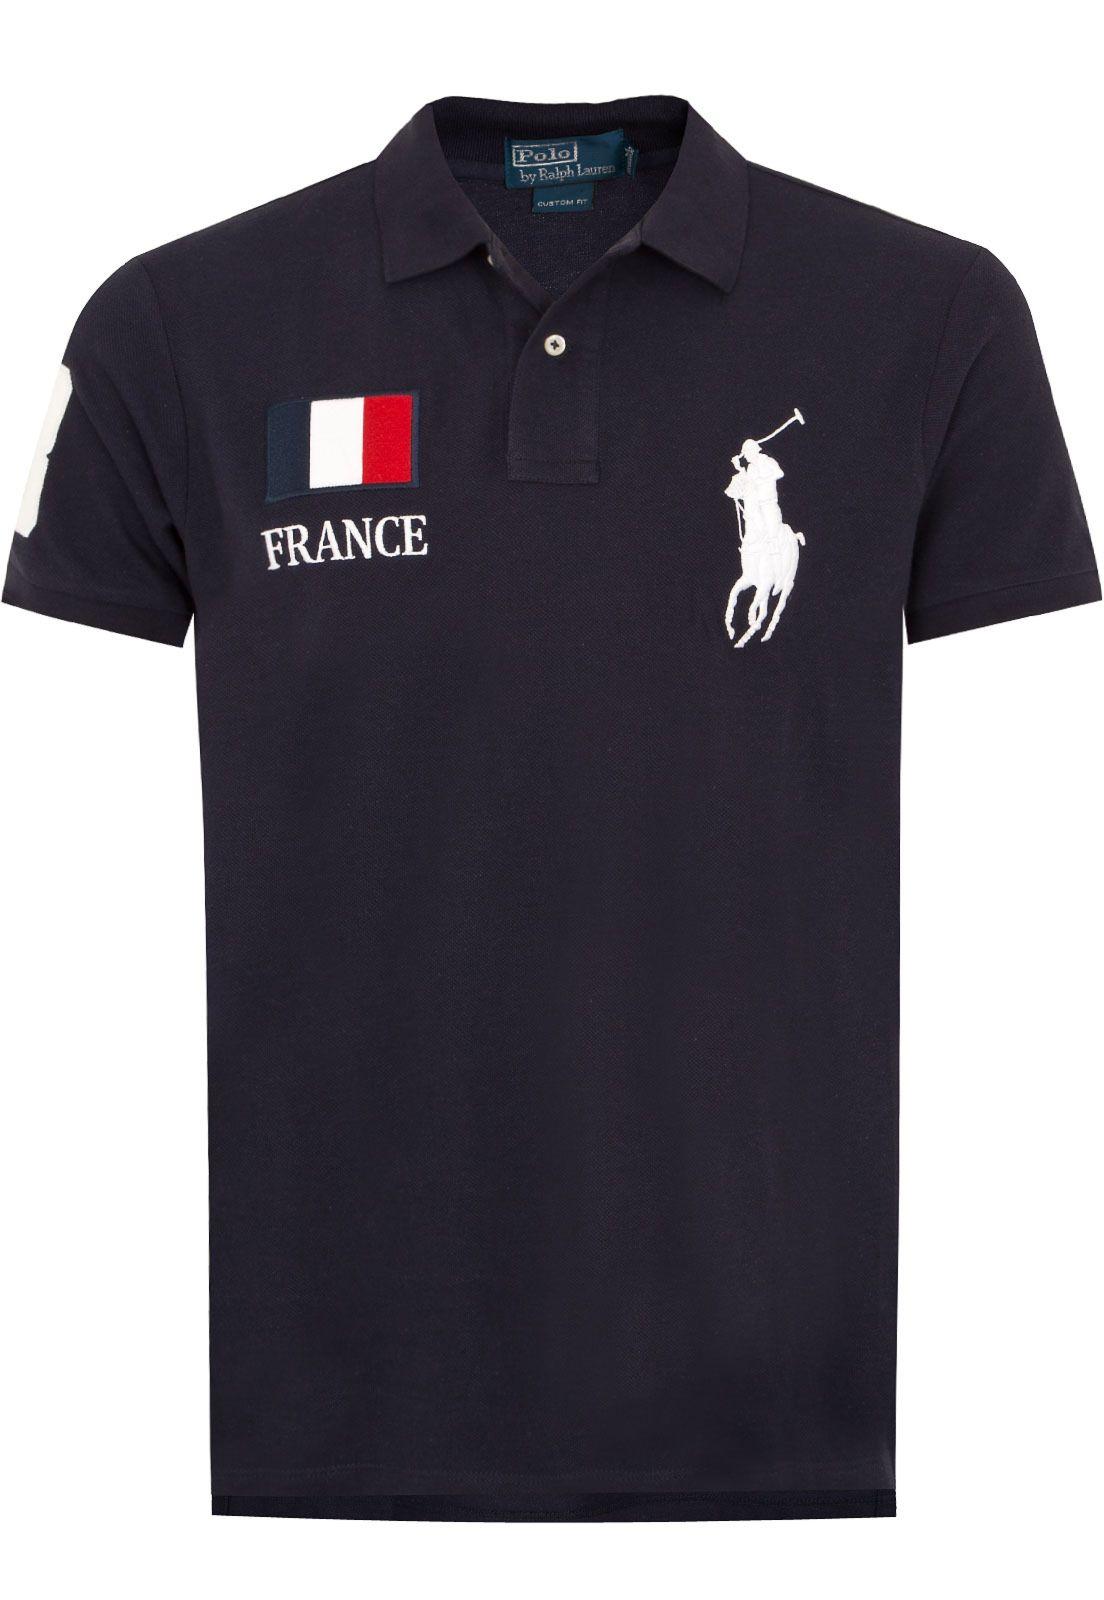 6f2fab04a Camisa Polo Ralph Lauren França Azul - Marca Polo Ralph Lauren